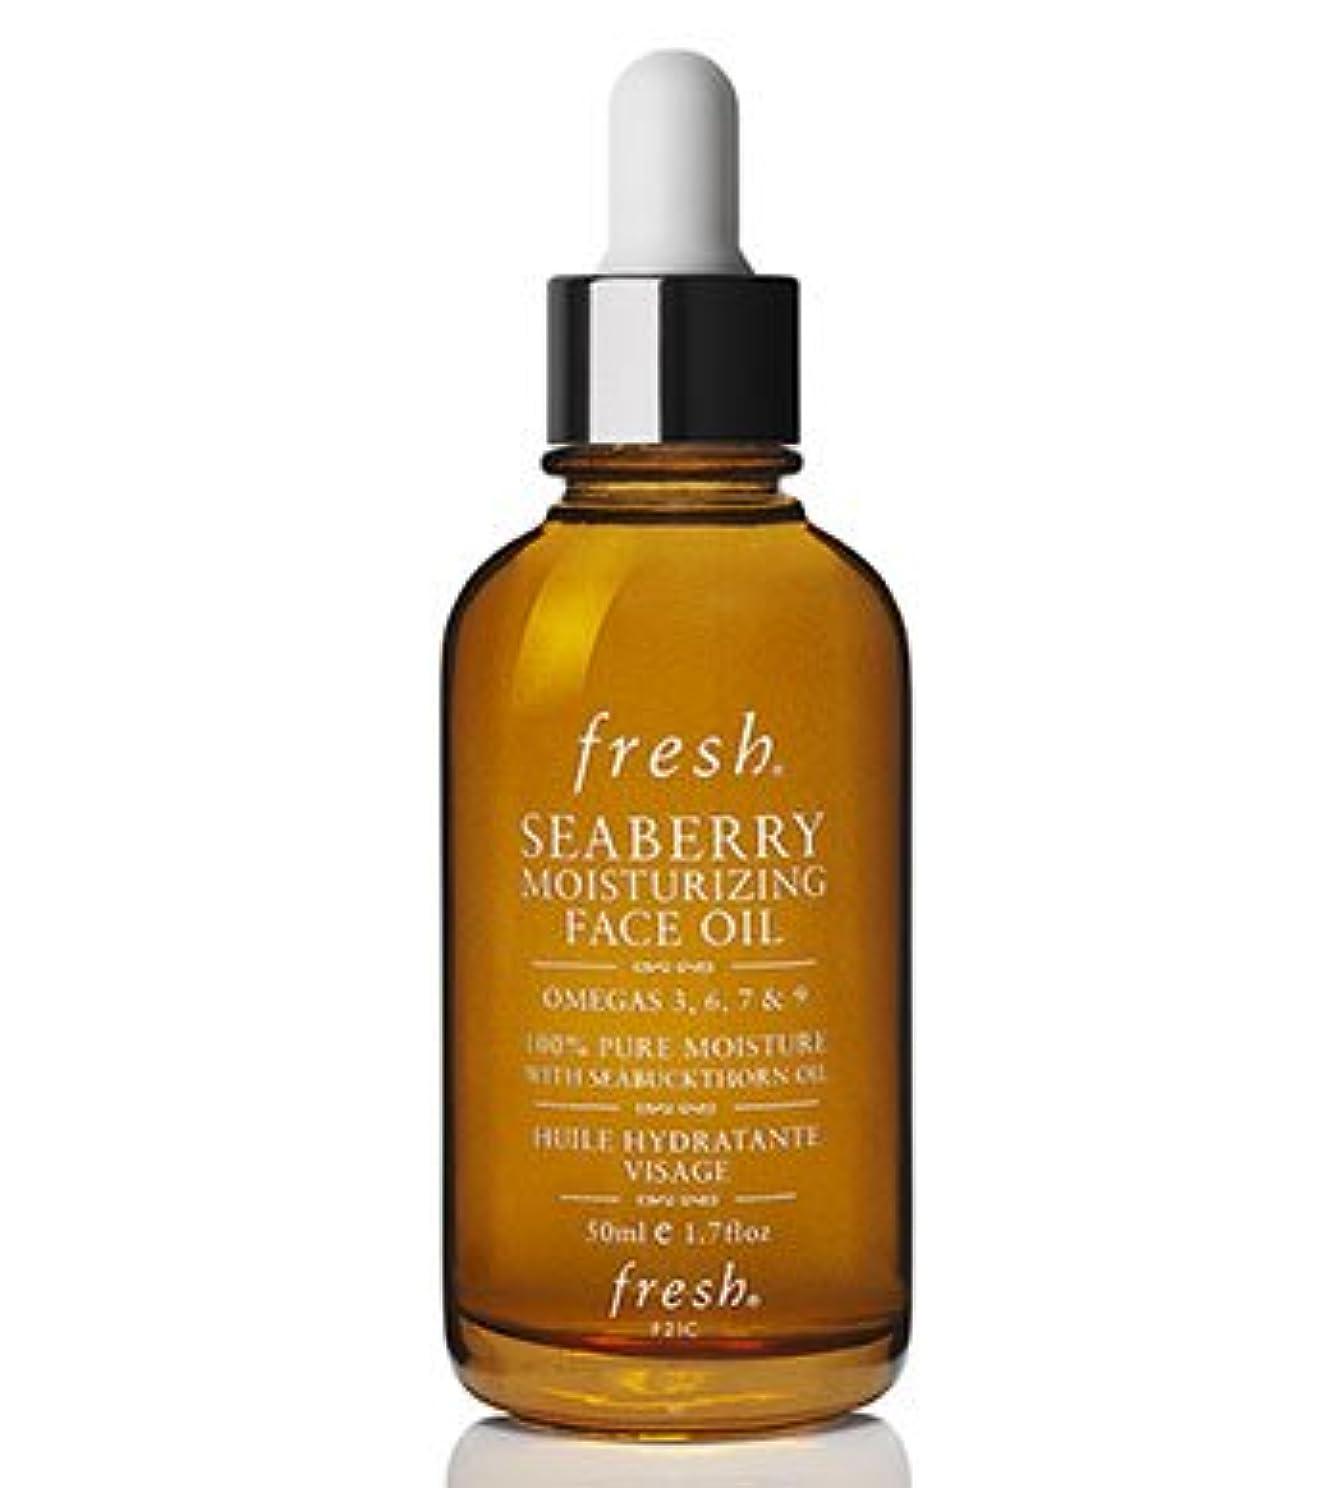 明確な本部ペレットFresh  Seaberry Moisturizing Face Oil (フレッシュ シーベリー モイスチャライジング フェイスオイル) 1.7 oz (50ml)